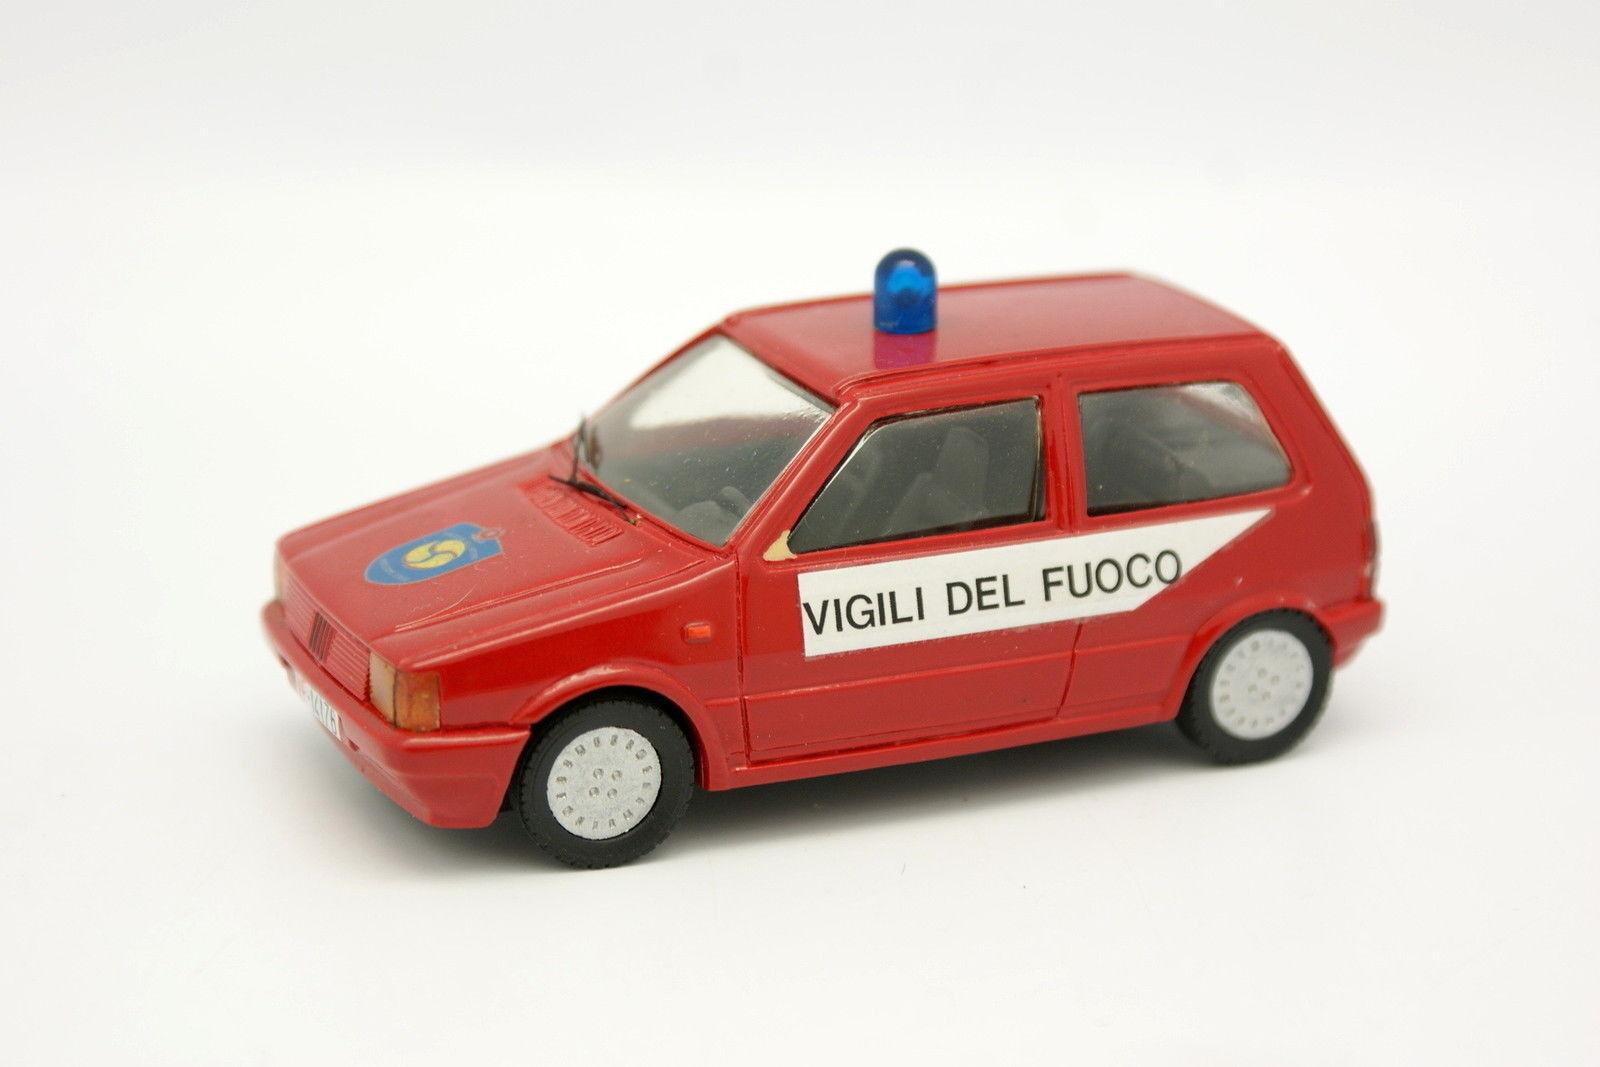 Heco Modelle Harz 1 43 - Fiat Uno Feuerwehr Vigili del Fuoco